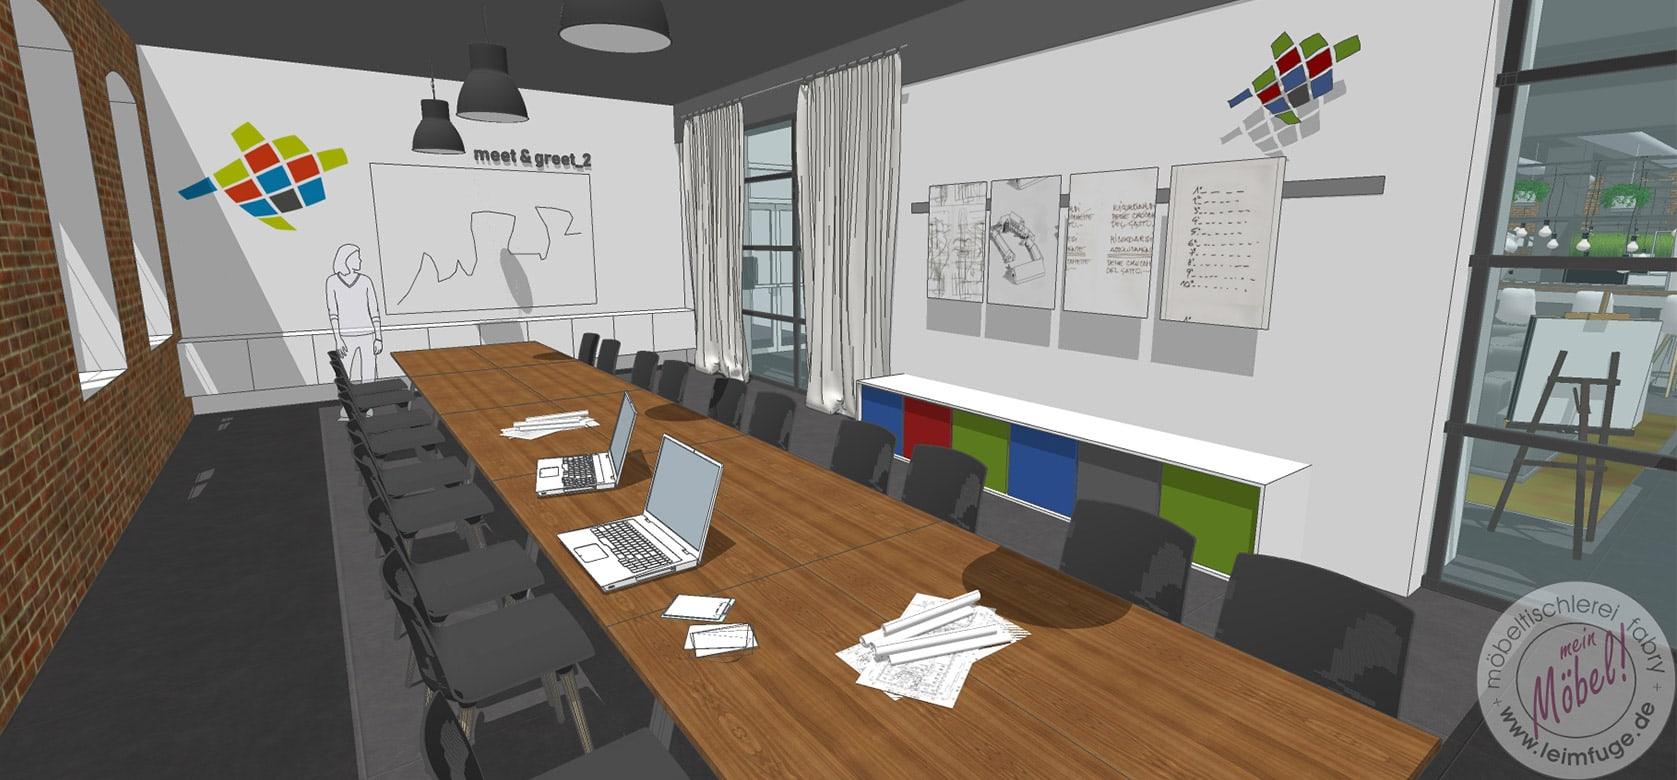 großer Konferenzraum im Mindener Innovationszentrum